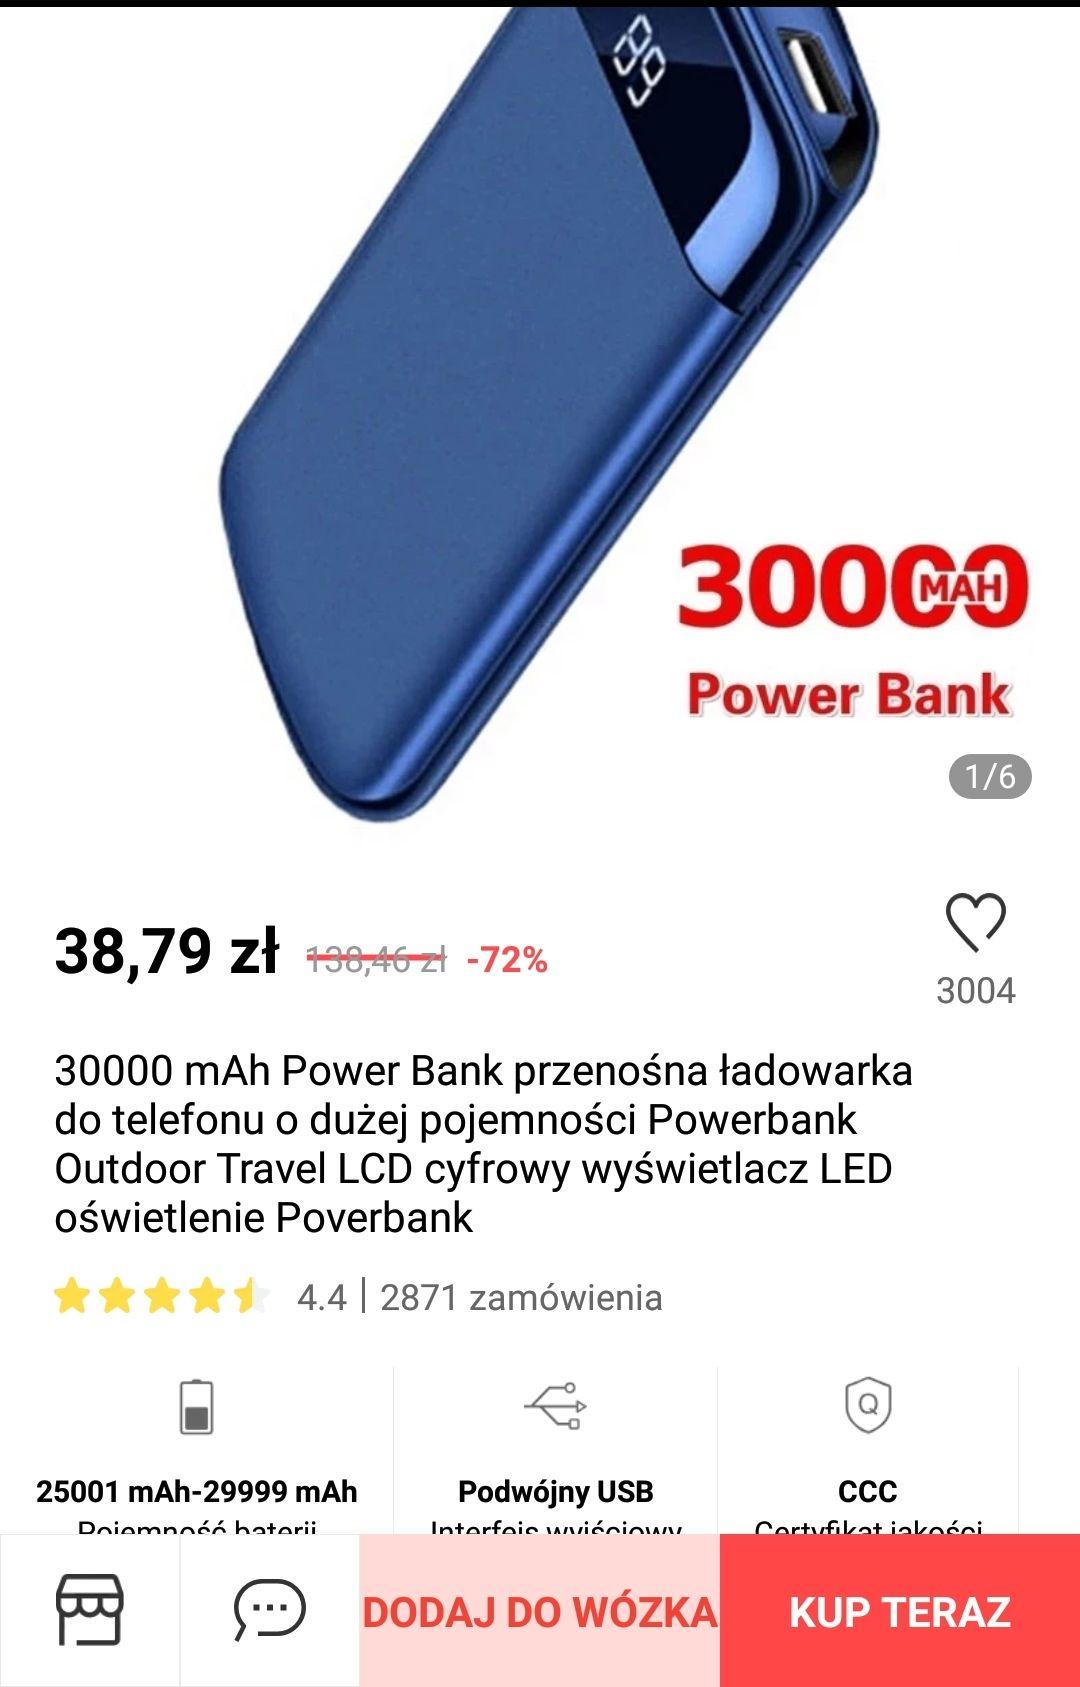 Powerbank 30000mAh, pokazany % naładowania,cyfrowy wyświetlacz.